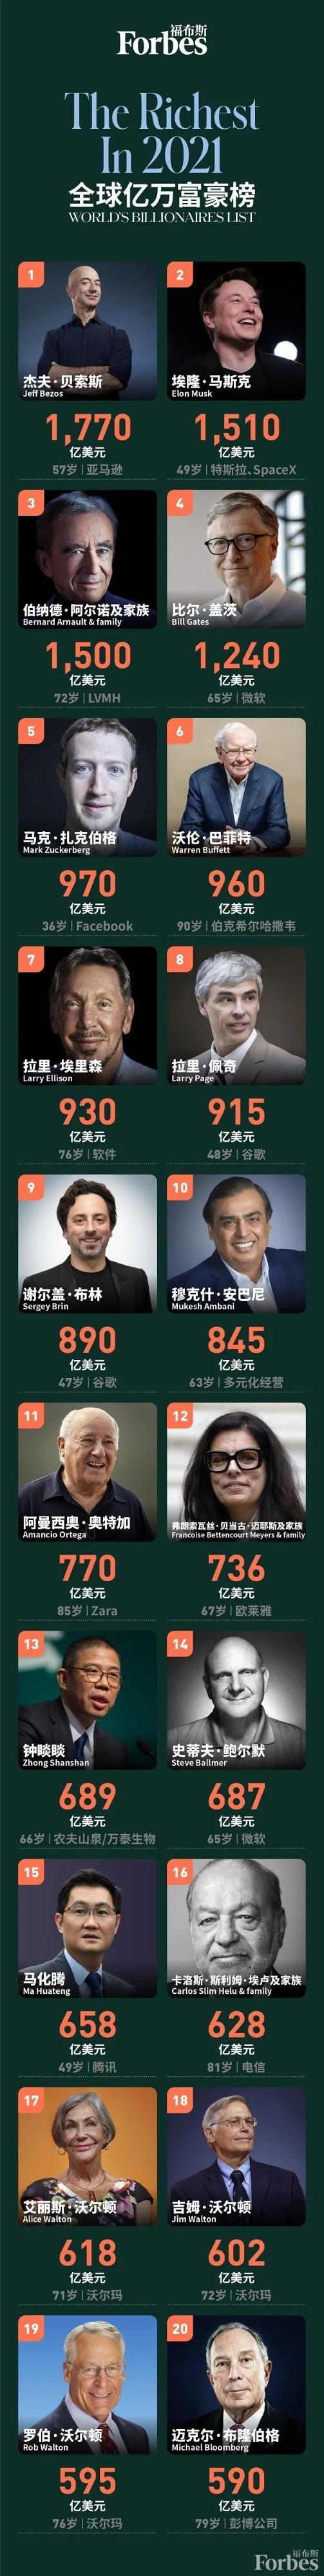 特朗普下降300位:福布斯富豪榜出炉!中国首富还是他